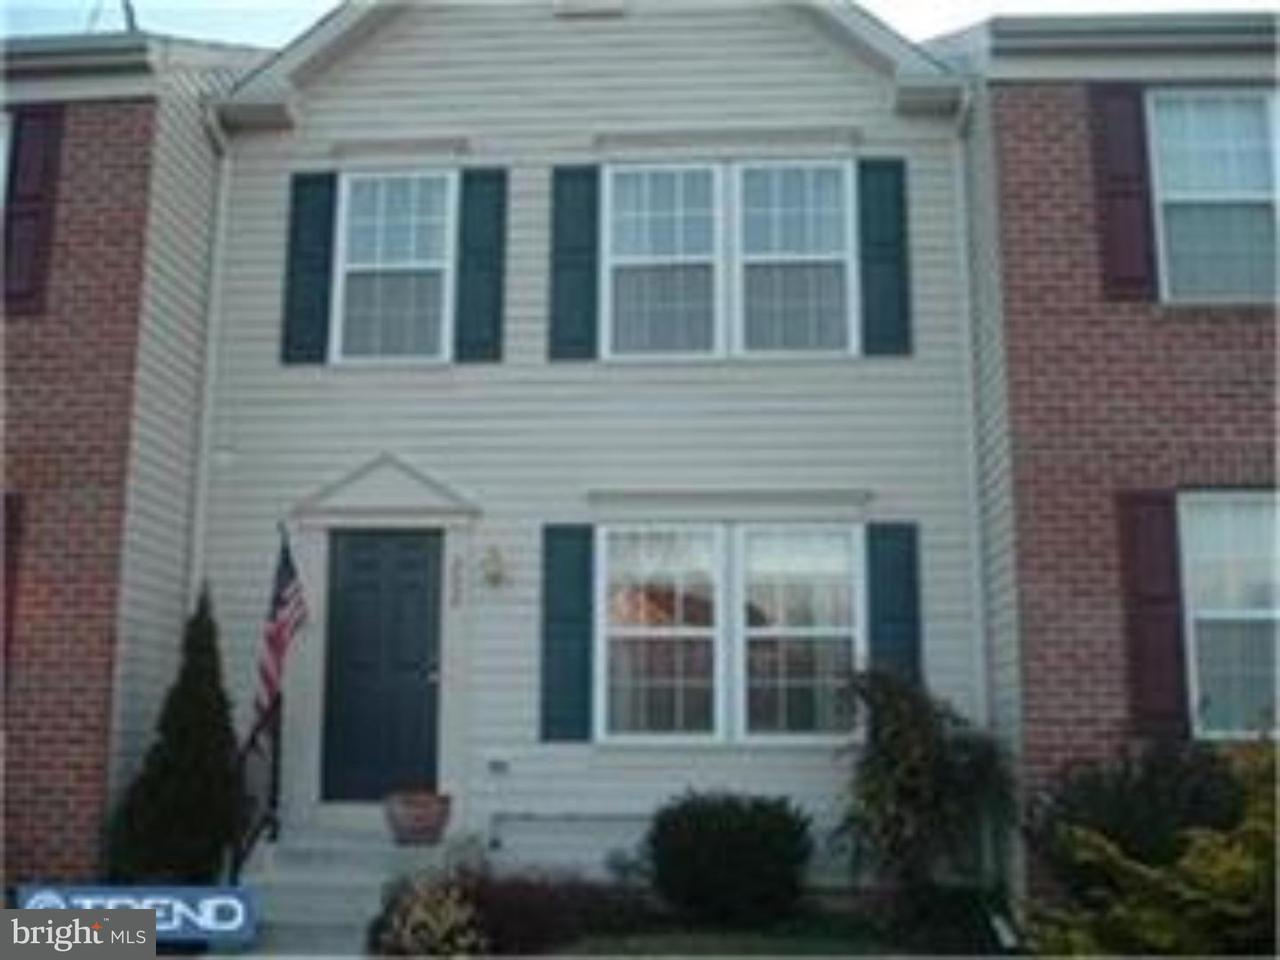 Casa unifamiliar adosada (Townhouse) por un Alquiler en 202 JACKS WAY Camden, Delaware 19934 Estados Unidos